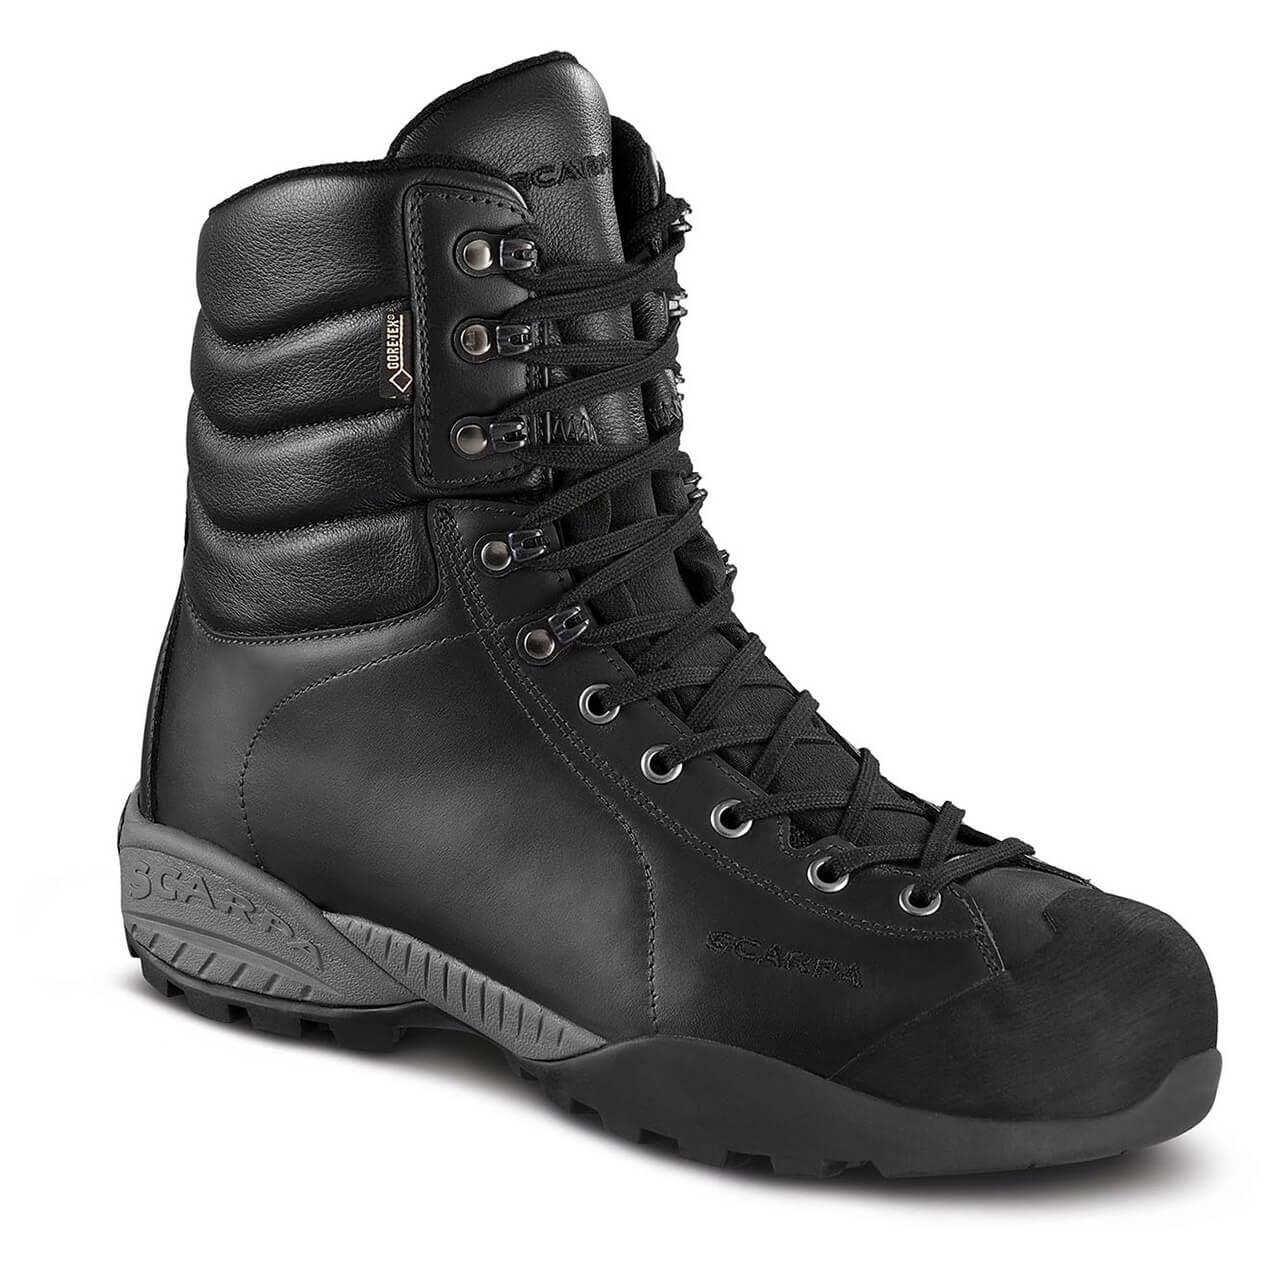 Scarpa Mojito Maxi Gtx® Schwarz, Male Gore-Tex® EU 43 -Farbe Black, 43